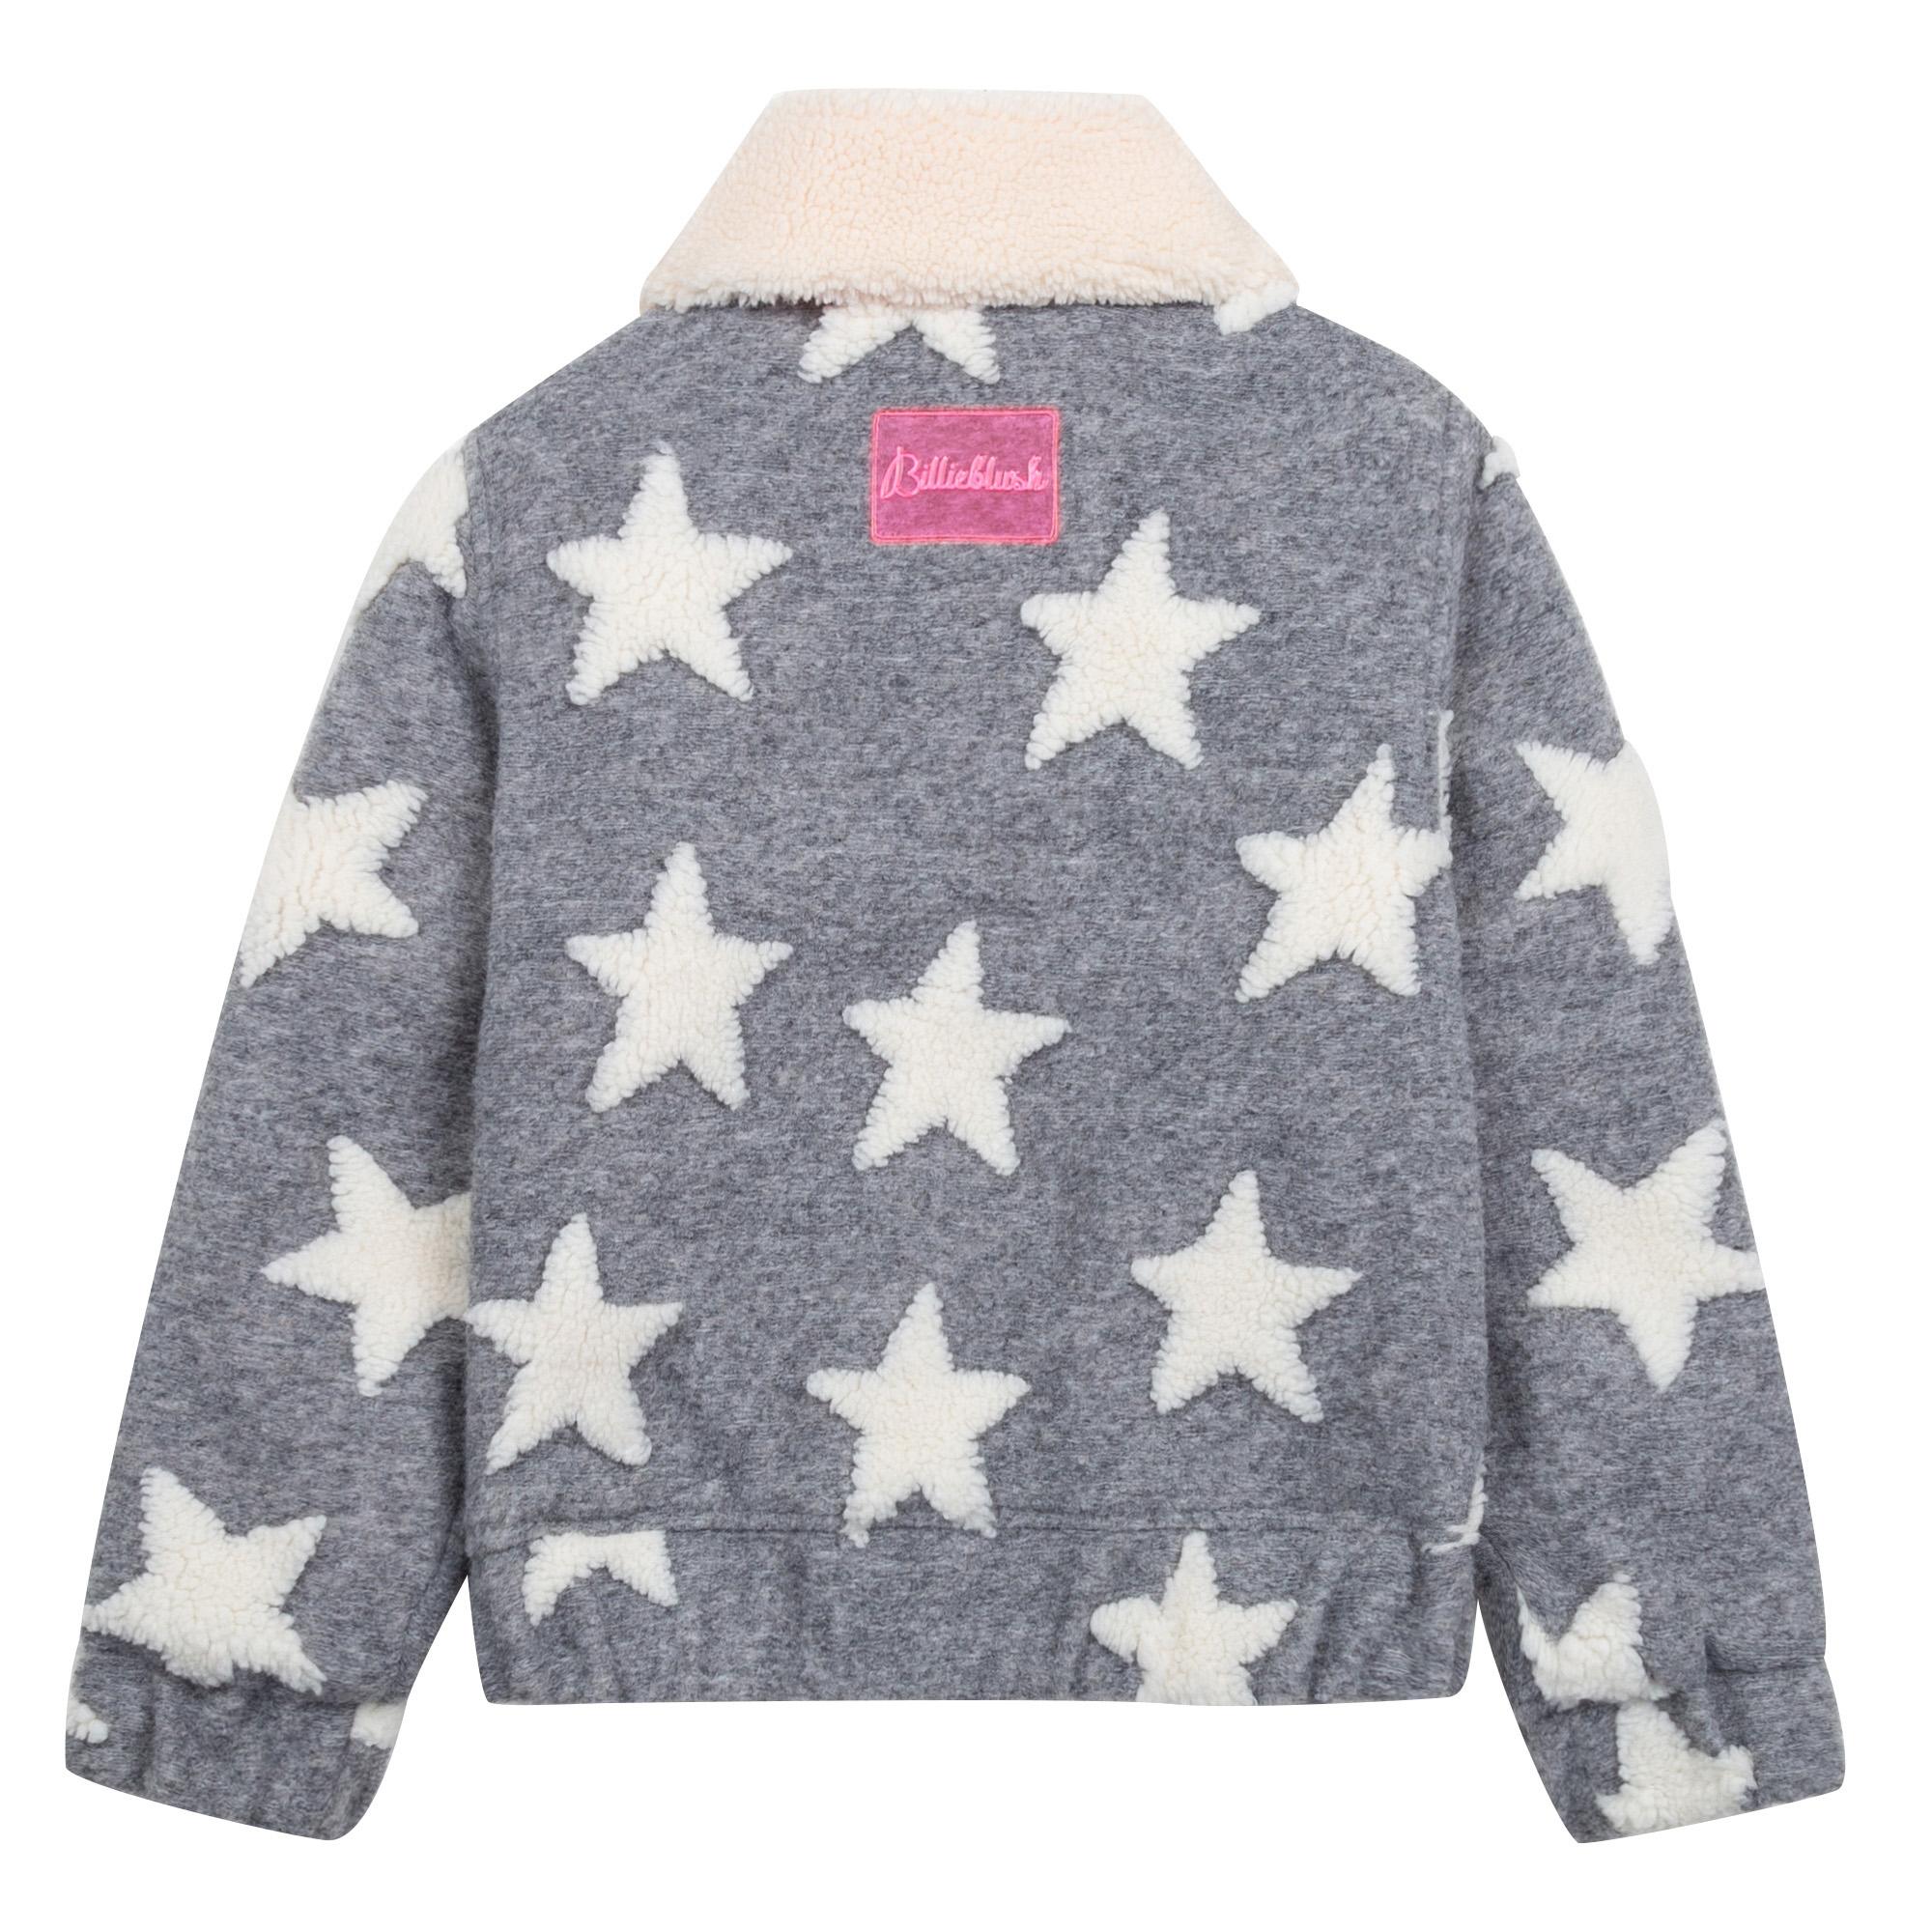 Wool bomber jacket BILLIEBLUSH for GIRL